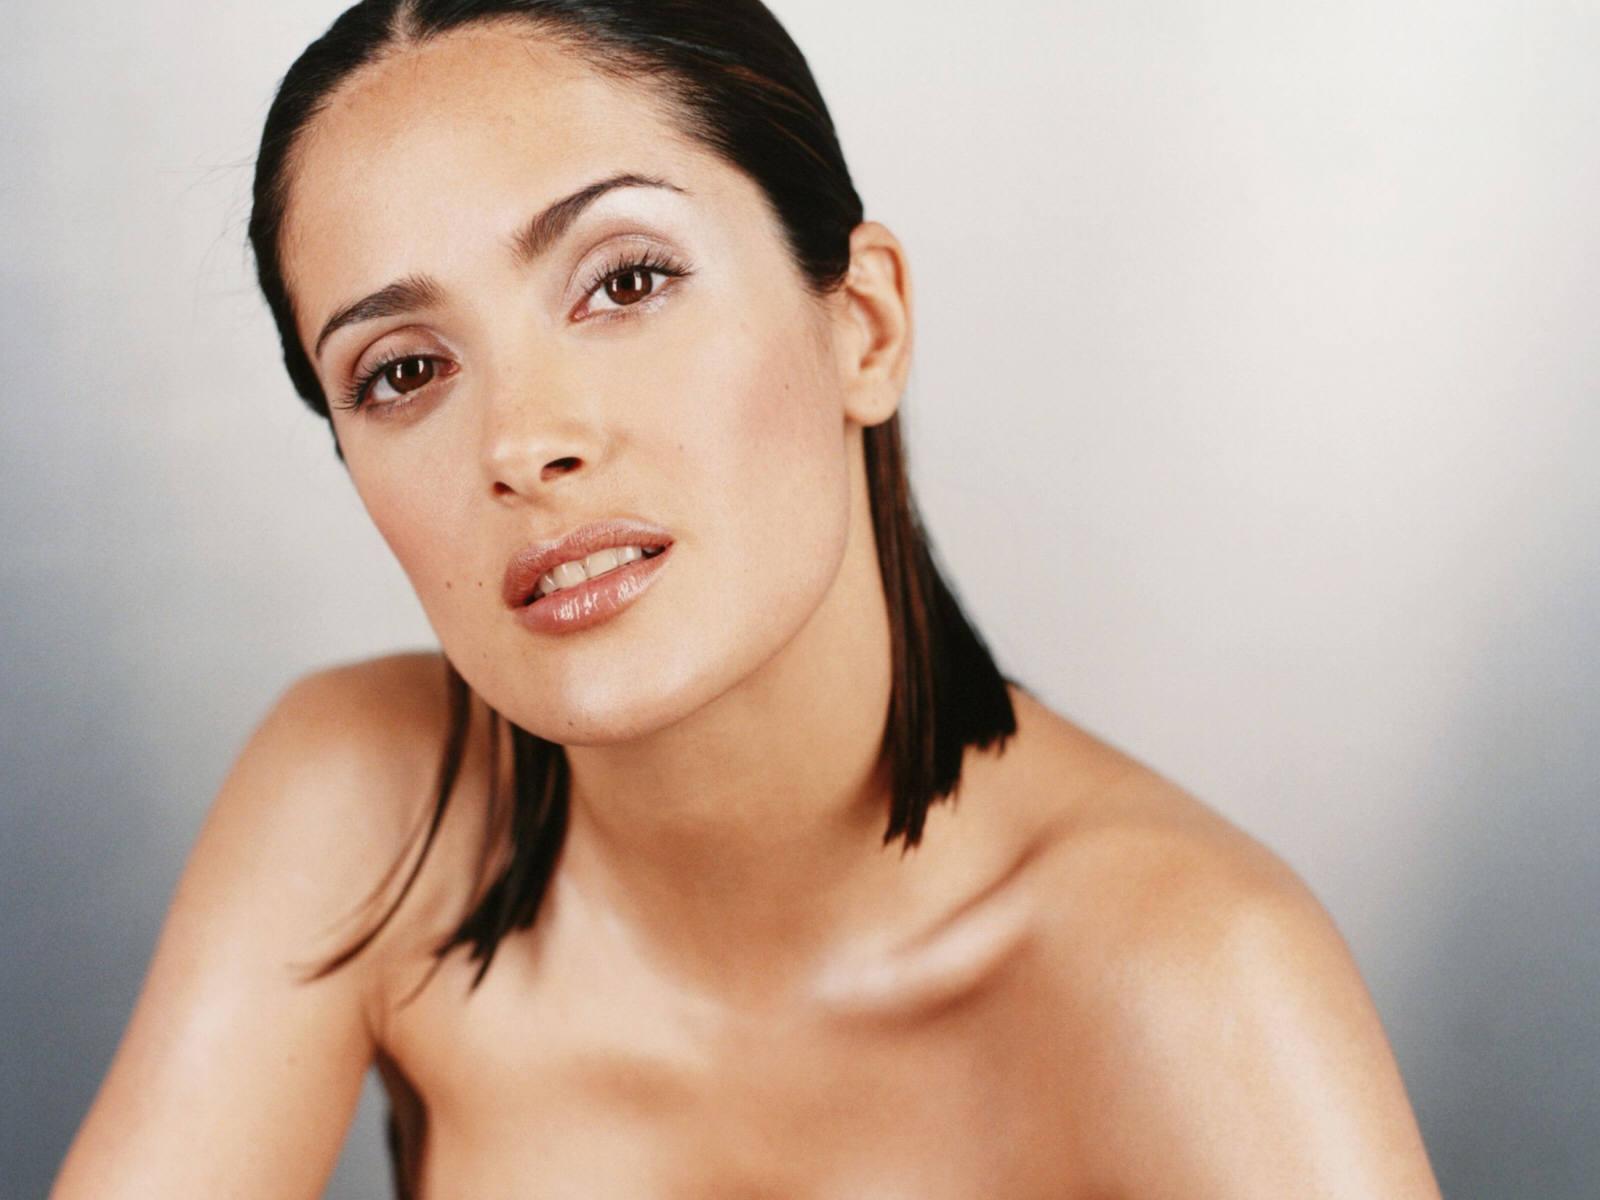 http://3.bp.blogspot.com/-Cr2EeWTlgLE/ThFK6r1ZmRI/AAAAAAAAOzo/ex-LJrqwp1A/s1600/Salma_Hayek-F.jpg